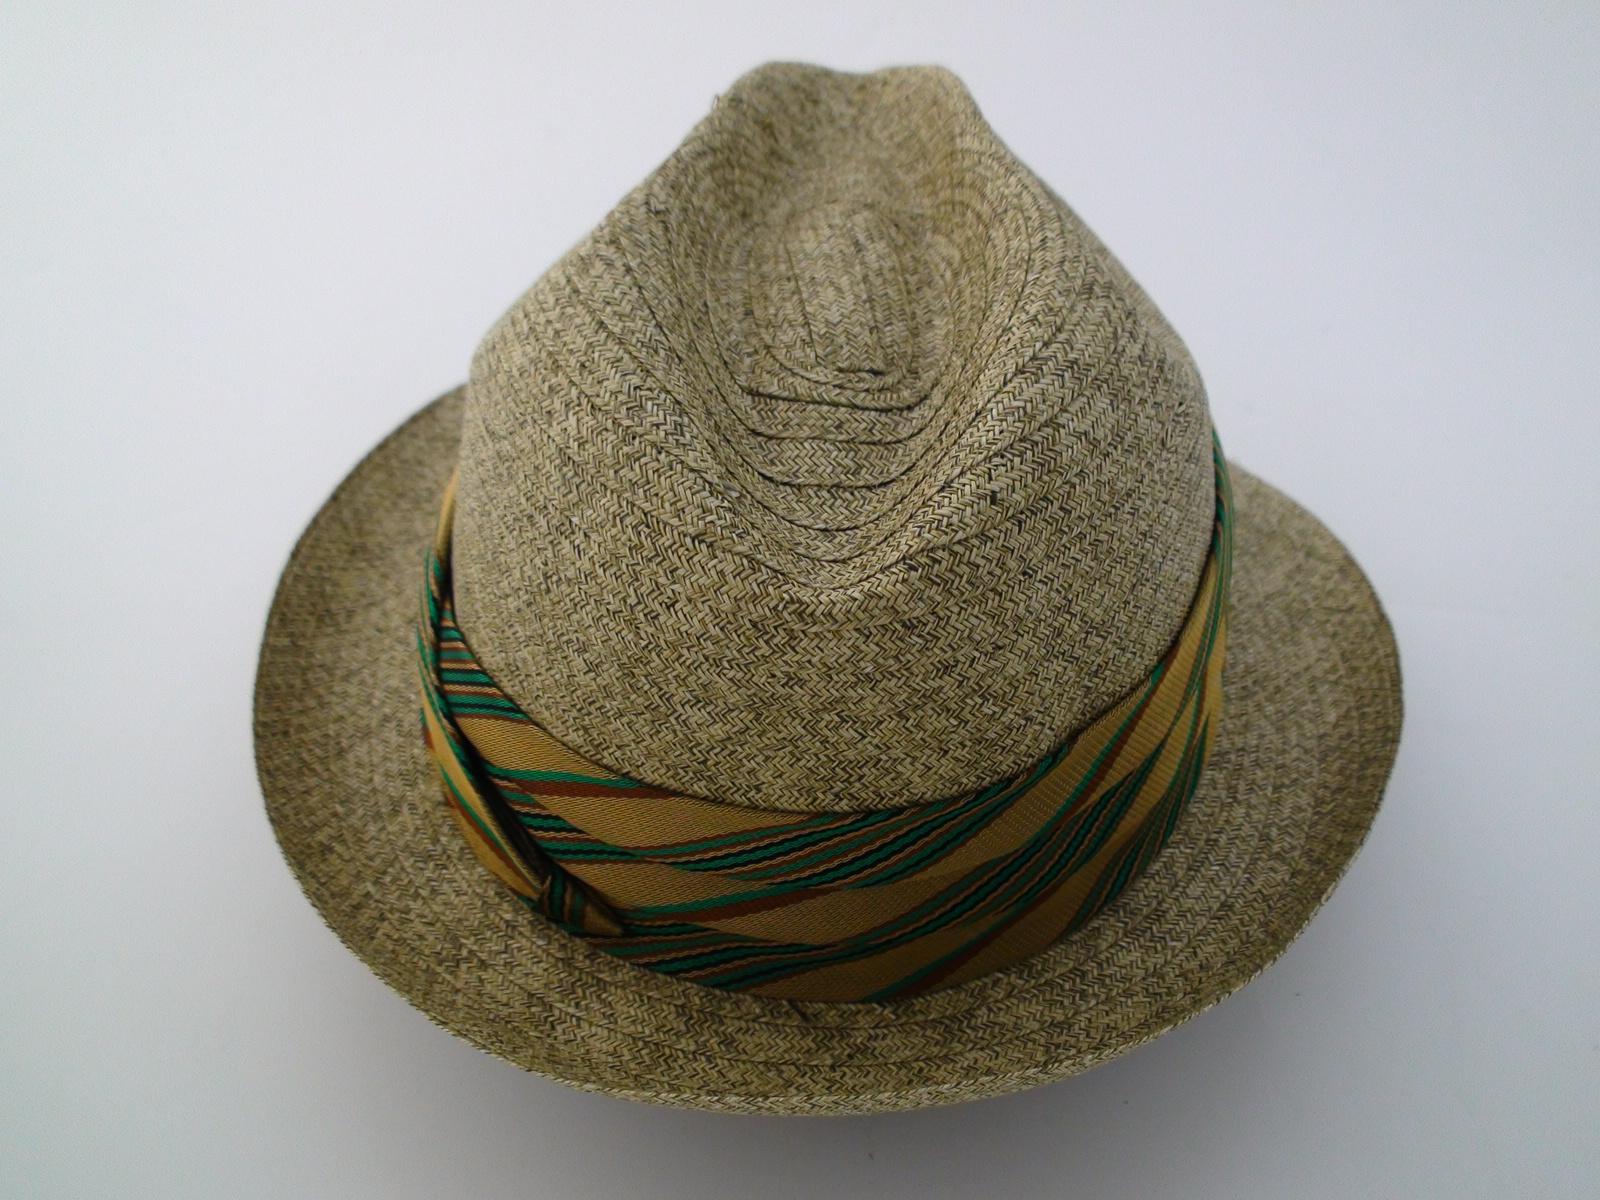 Vintage Biltmore Florino Olive Natural Straw Fedora Hat Size 7 1 8″ 10470fd8c61e